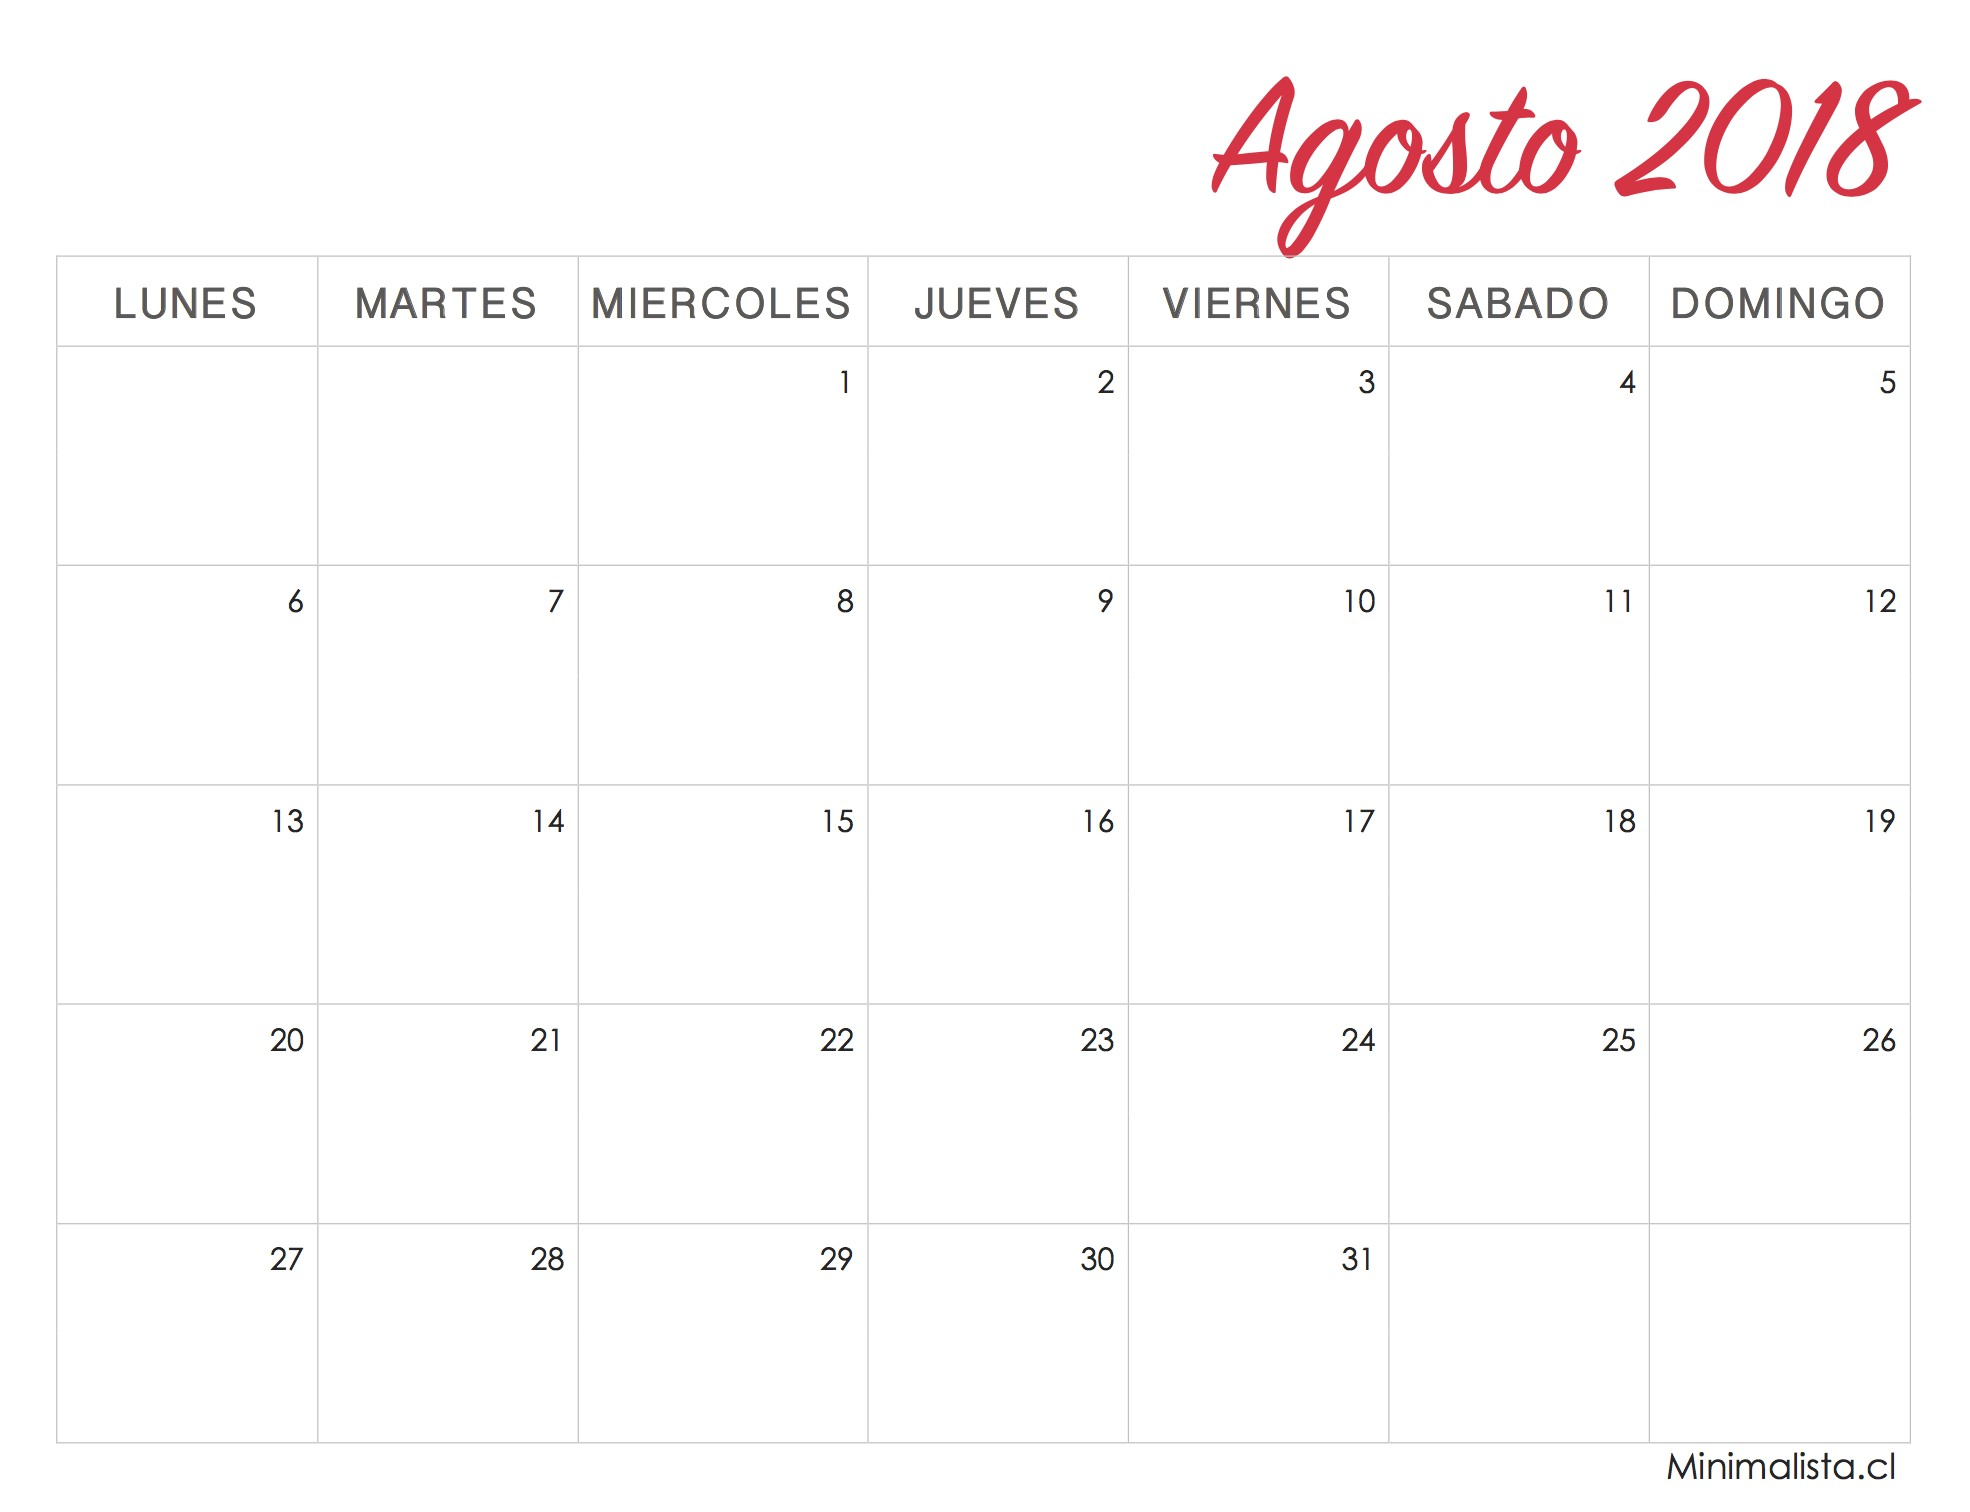 Calendario Para Imprimir 2017 Chile Más Recientes Calendario Noviembre 2018 Para Imprimir tomburorddiner Of Calendario Para Imprimir 2017 Chile Más Arriba-a-fecha sorpresa Tu Calendario Descargable Gratuito Para 2018